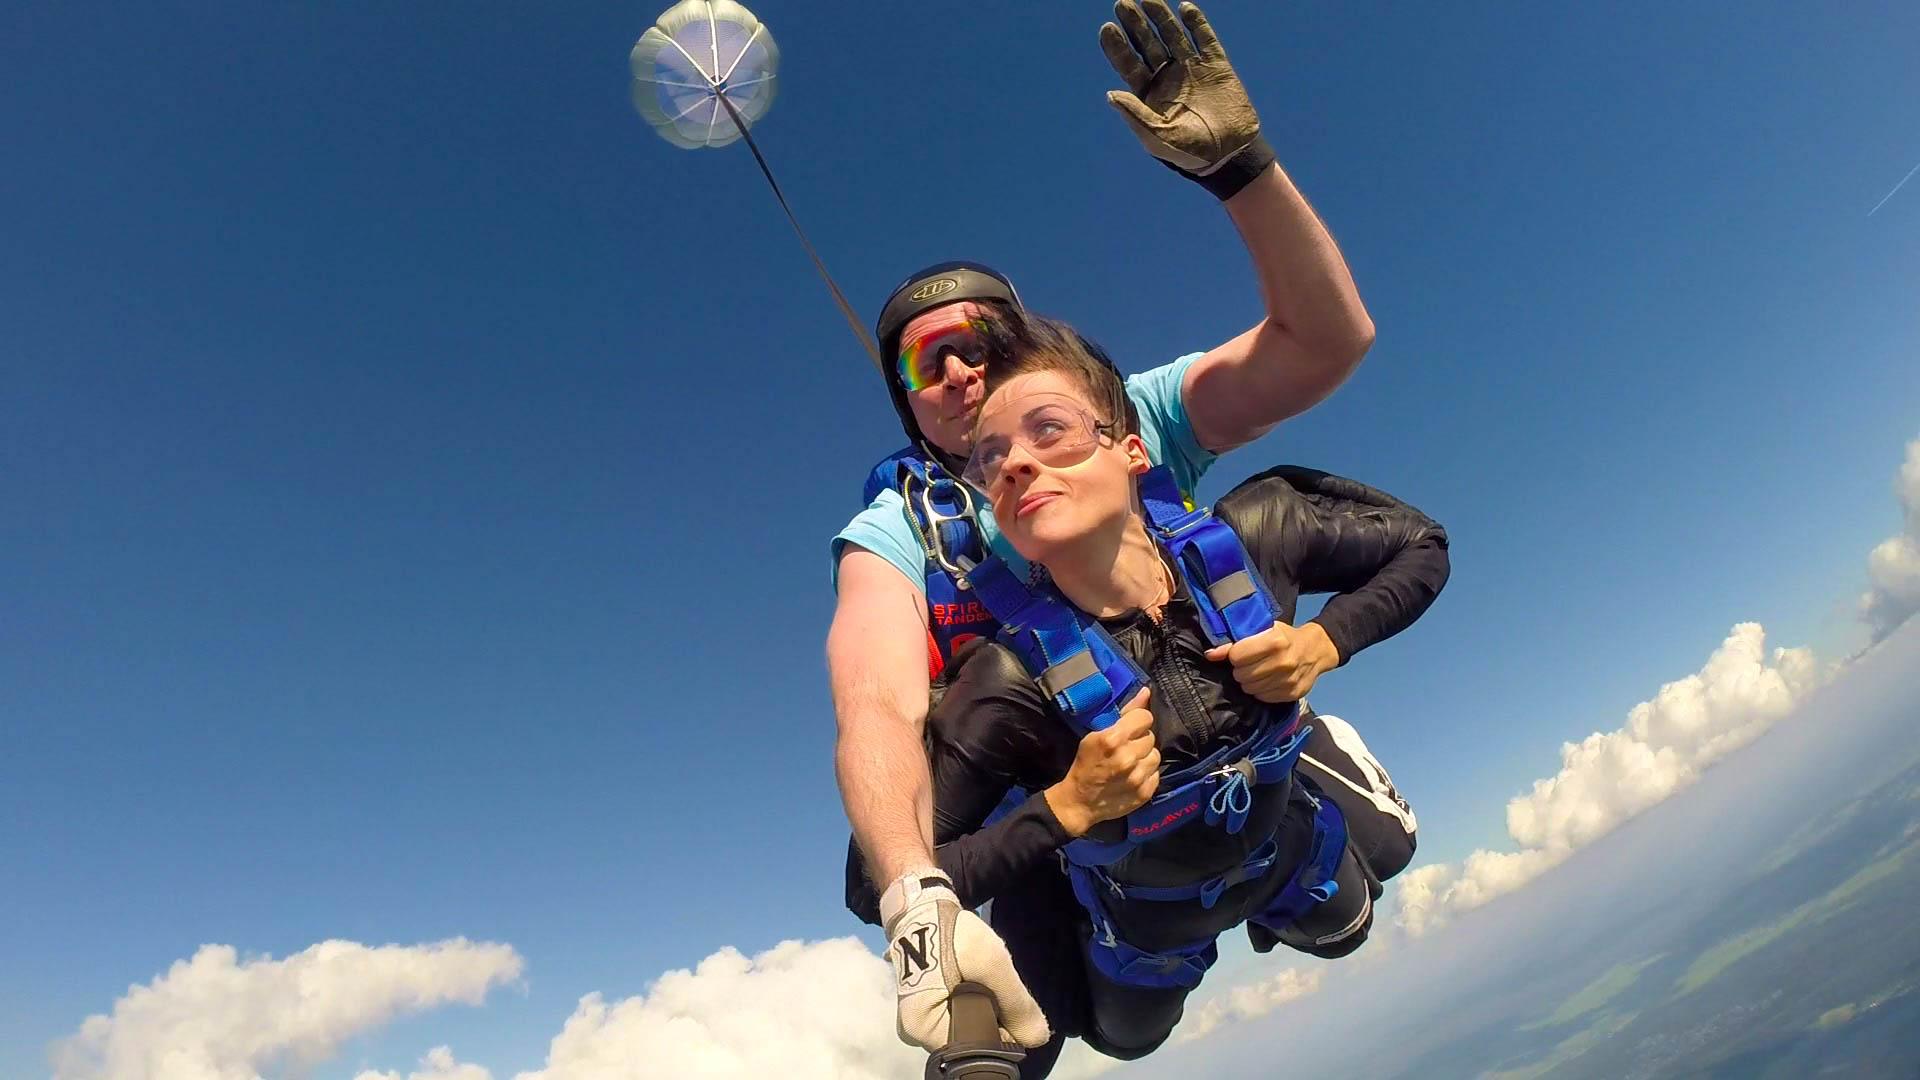 Прыжок голышом с парашютом